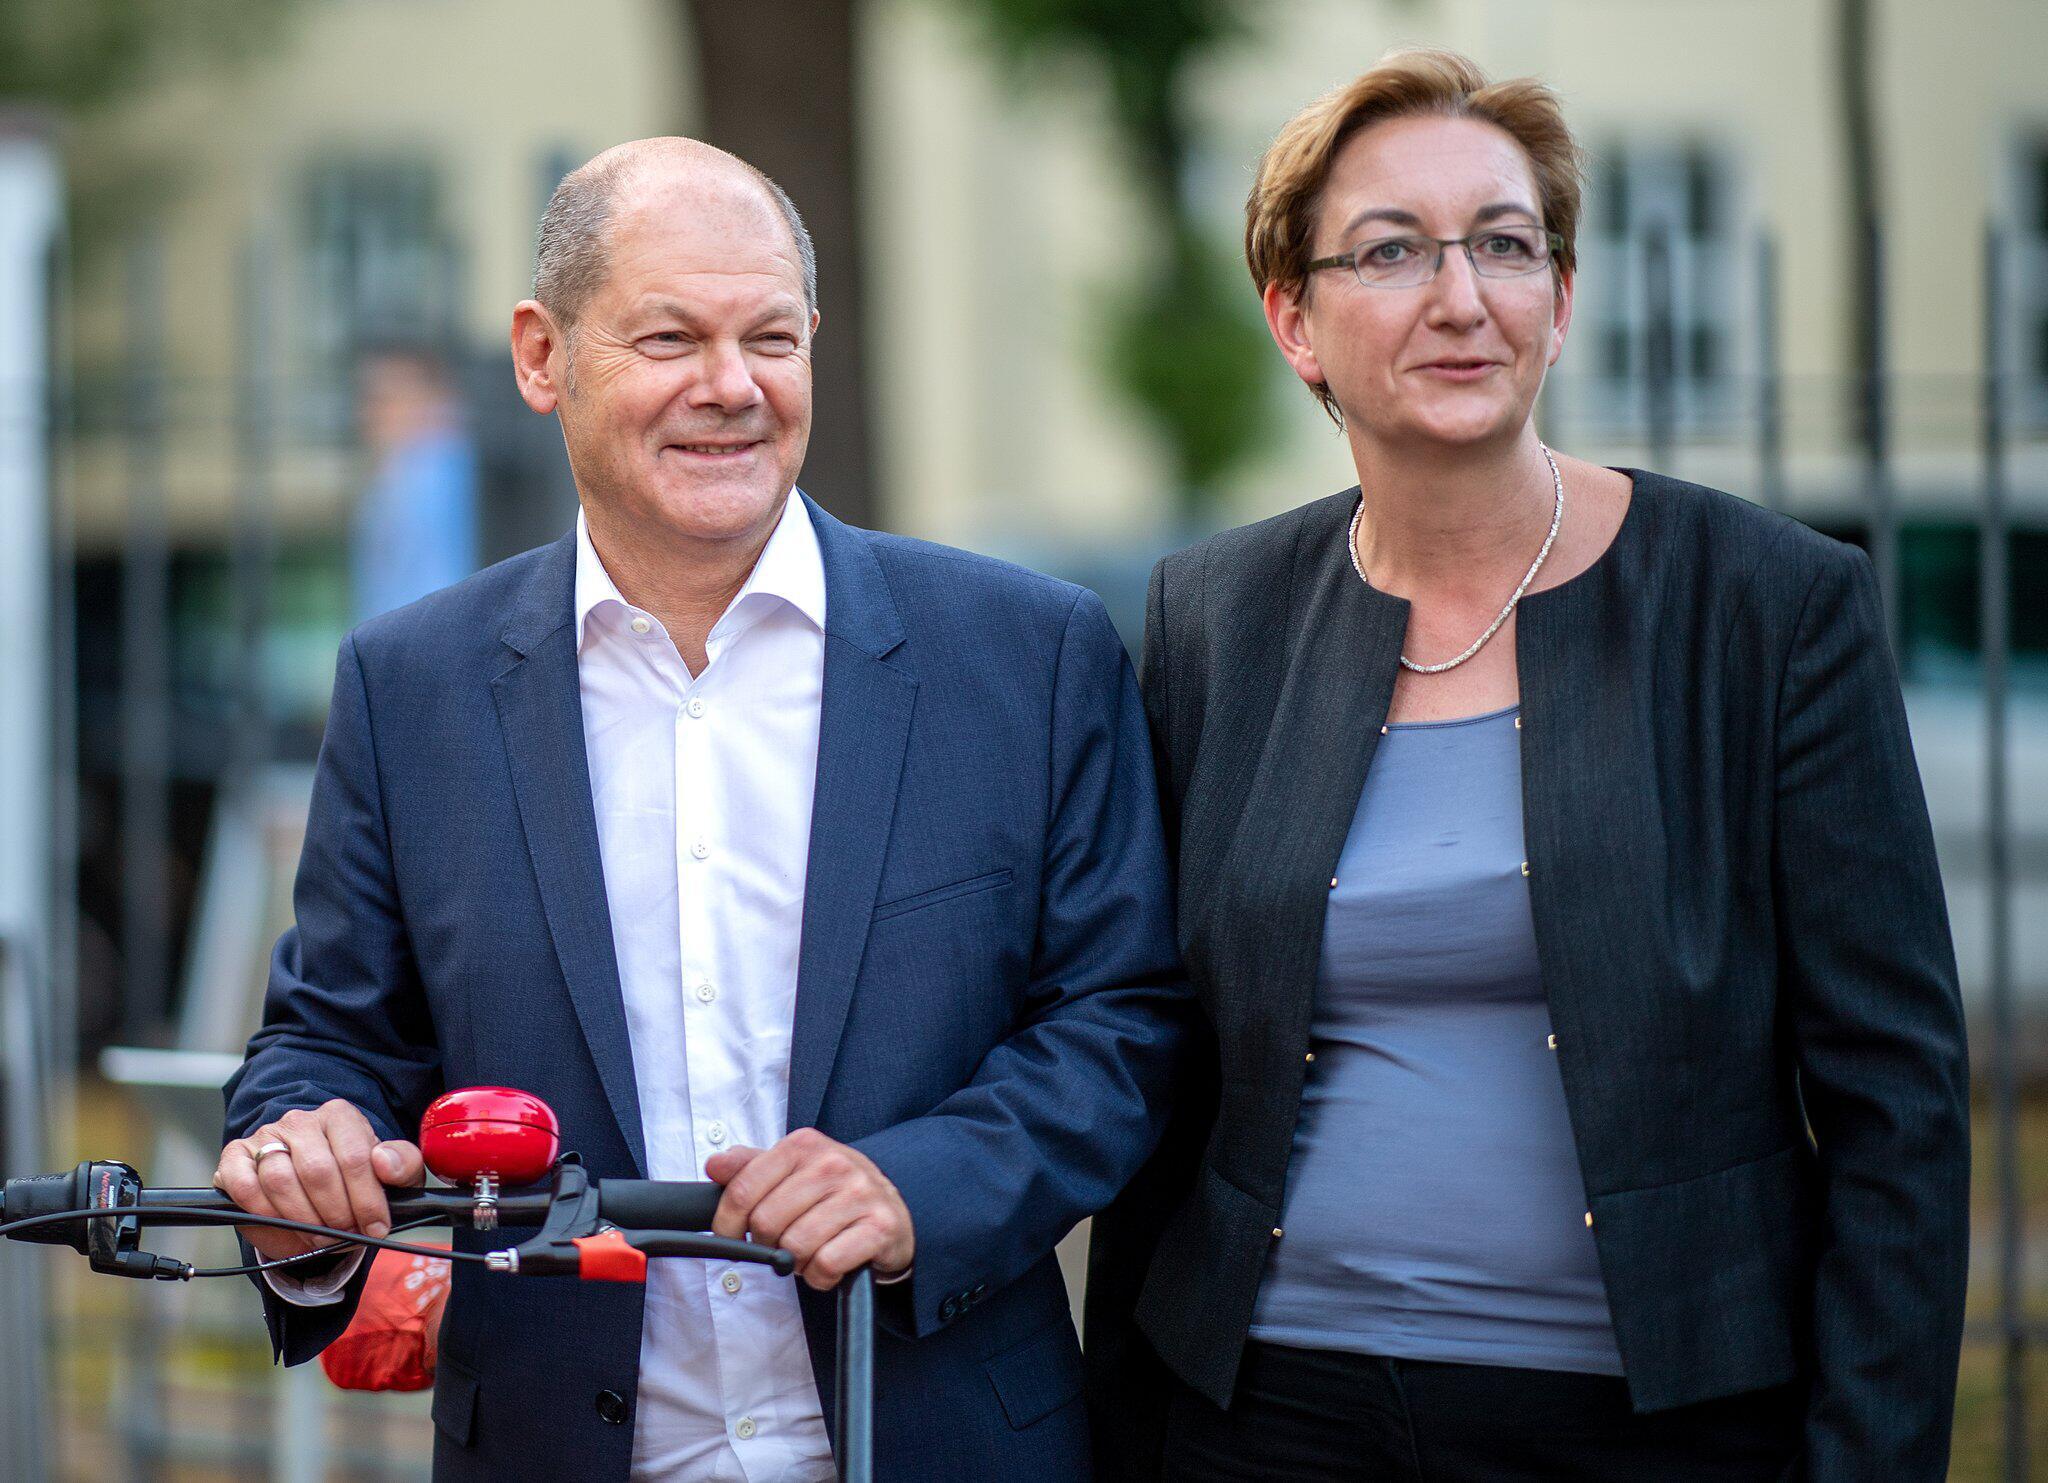 Bild zu Wahlkampftermin der SPD mit Scholz und Geywitz